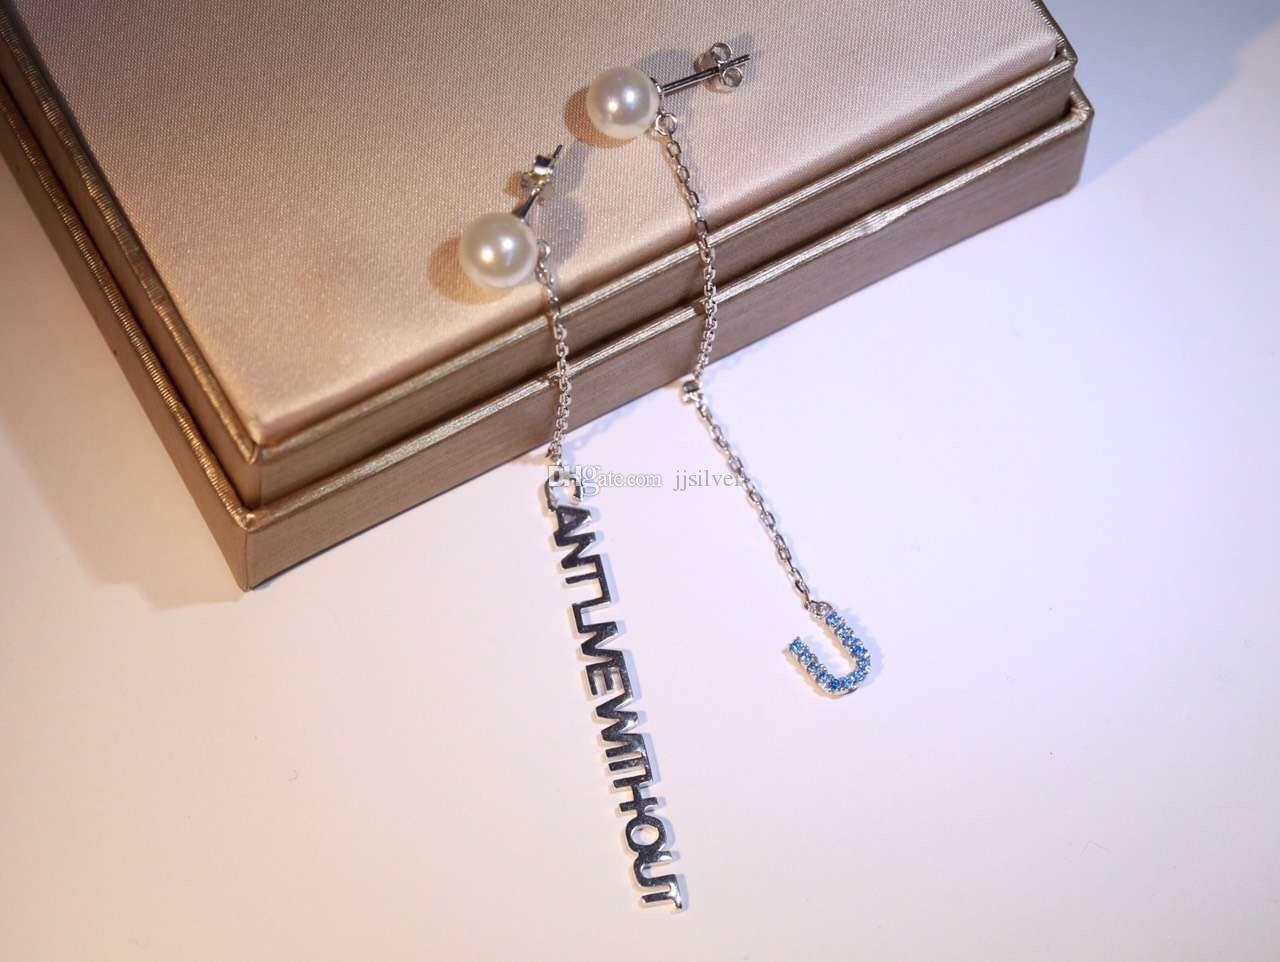 Корейский творческий письмо Циркон длинные мотаться серьги для женщин многослойные асимметричные серьги Brincos уха Жемчужина стерлингового серебра ювелирные изделия